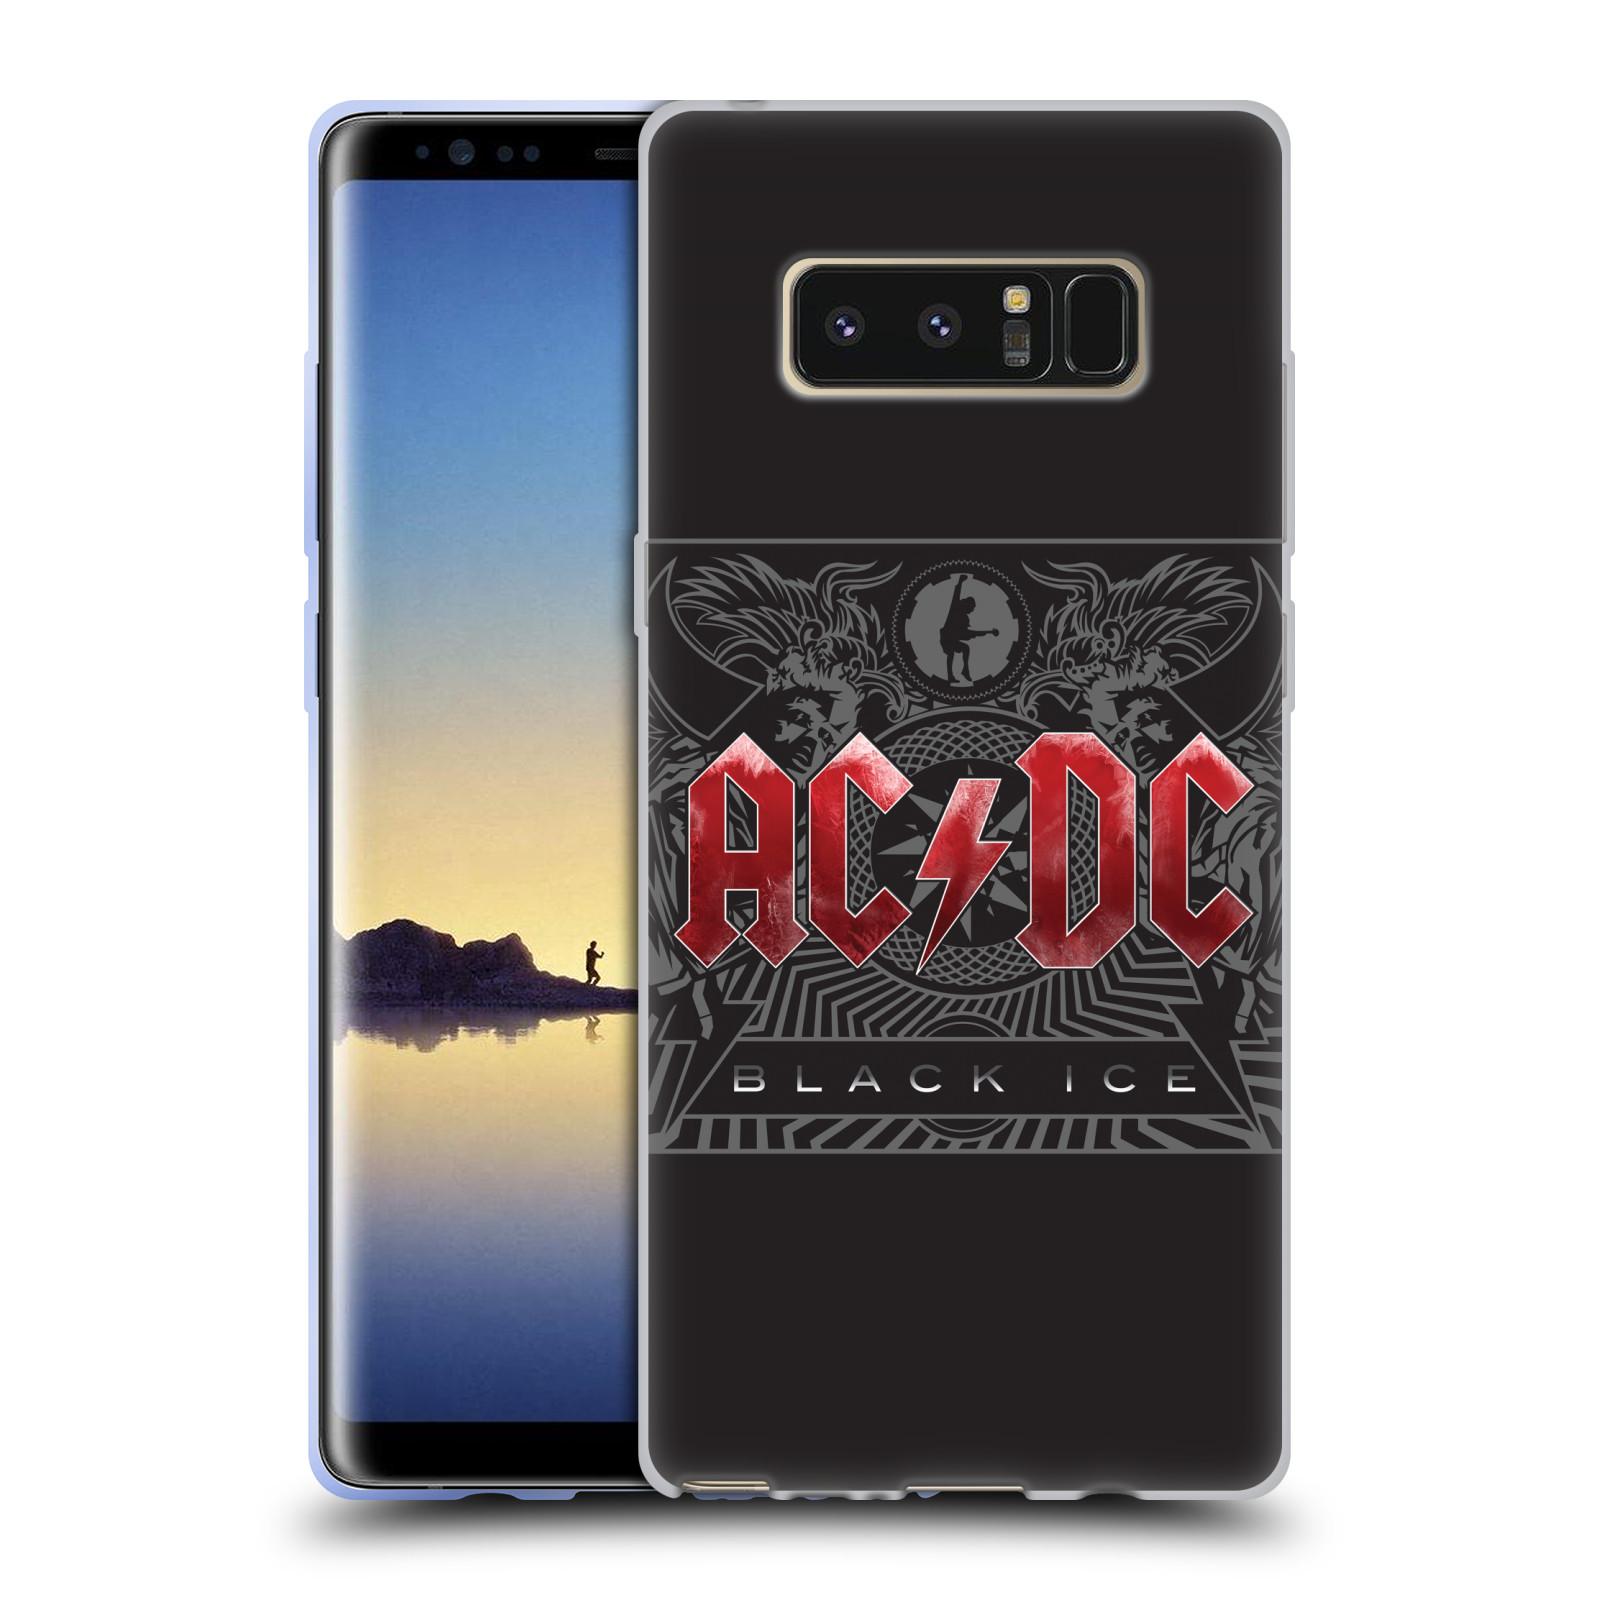 Silikonové pouzdro na mobil Samsung Galaxy Note 8 - Head Case - AC/DC Black Ice (Silikonový kryt či obal na mobilní telefon Samsung Galaxy Note 8 SM-N950 s motivem AC/DC Black Ice)